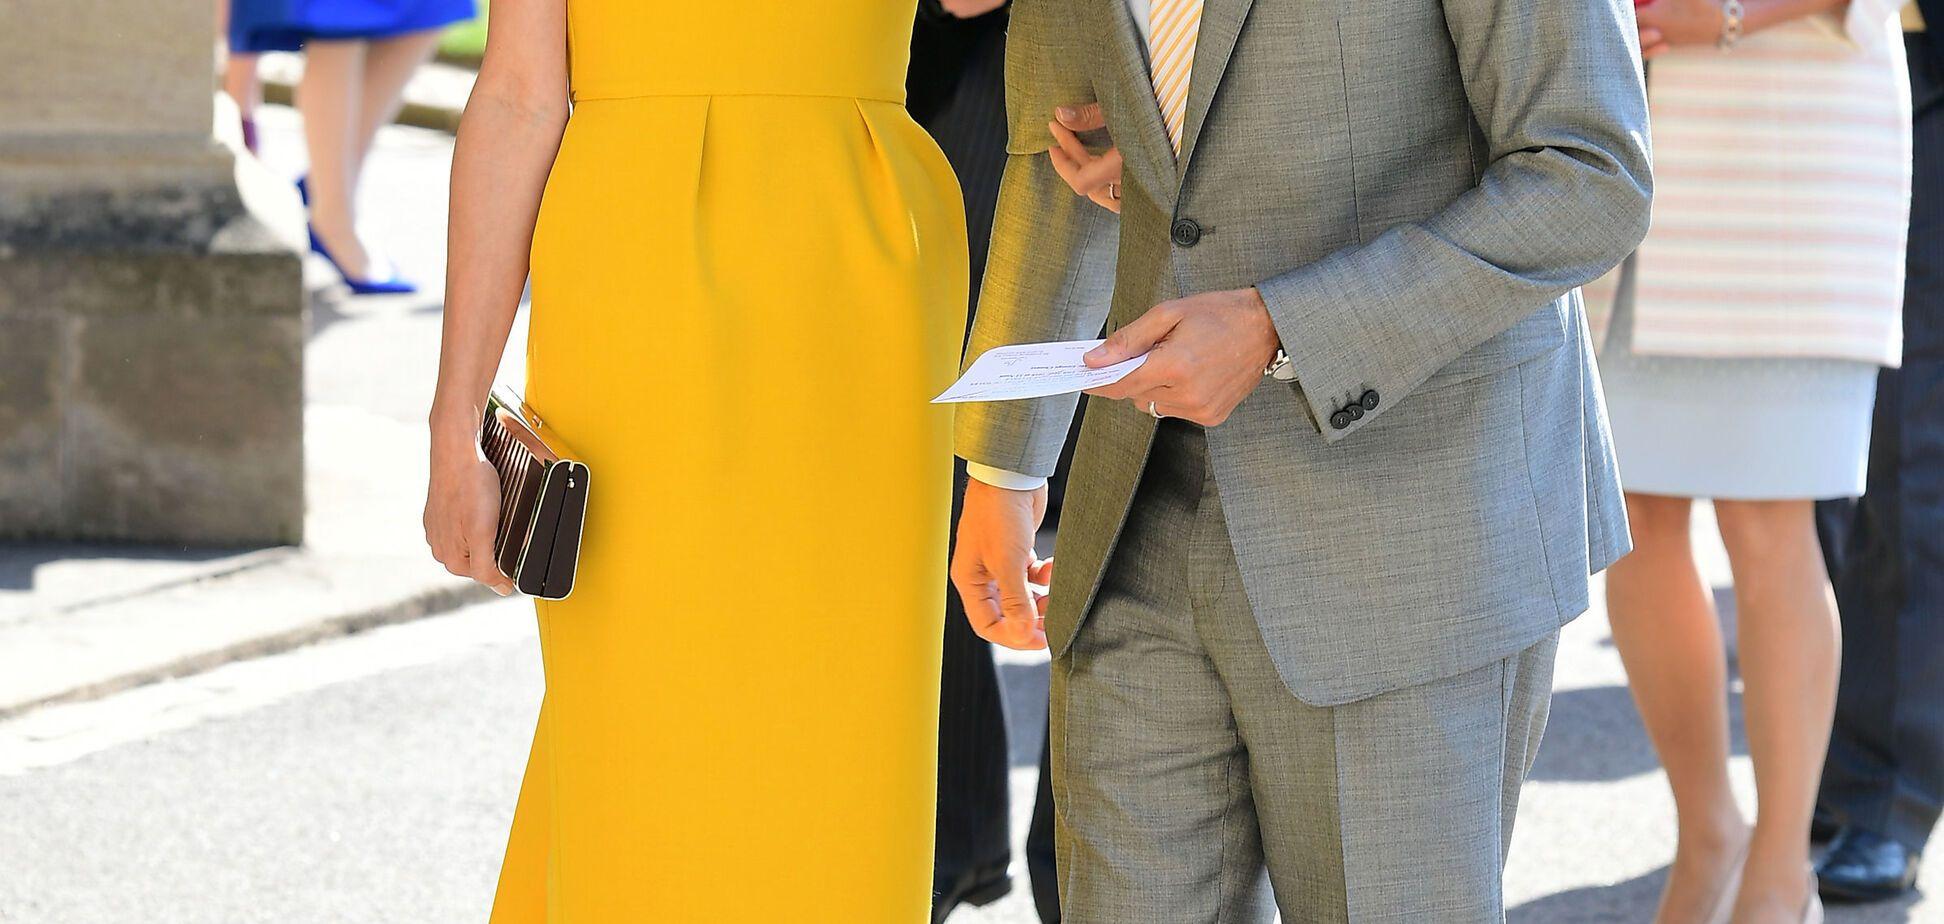 Амаль Клуни появилась на свадьбе принца Гарри в ярком наряде